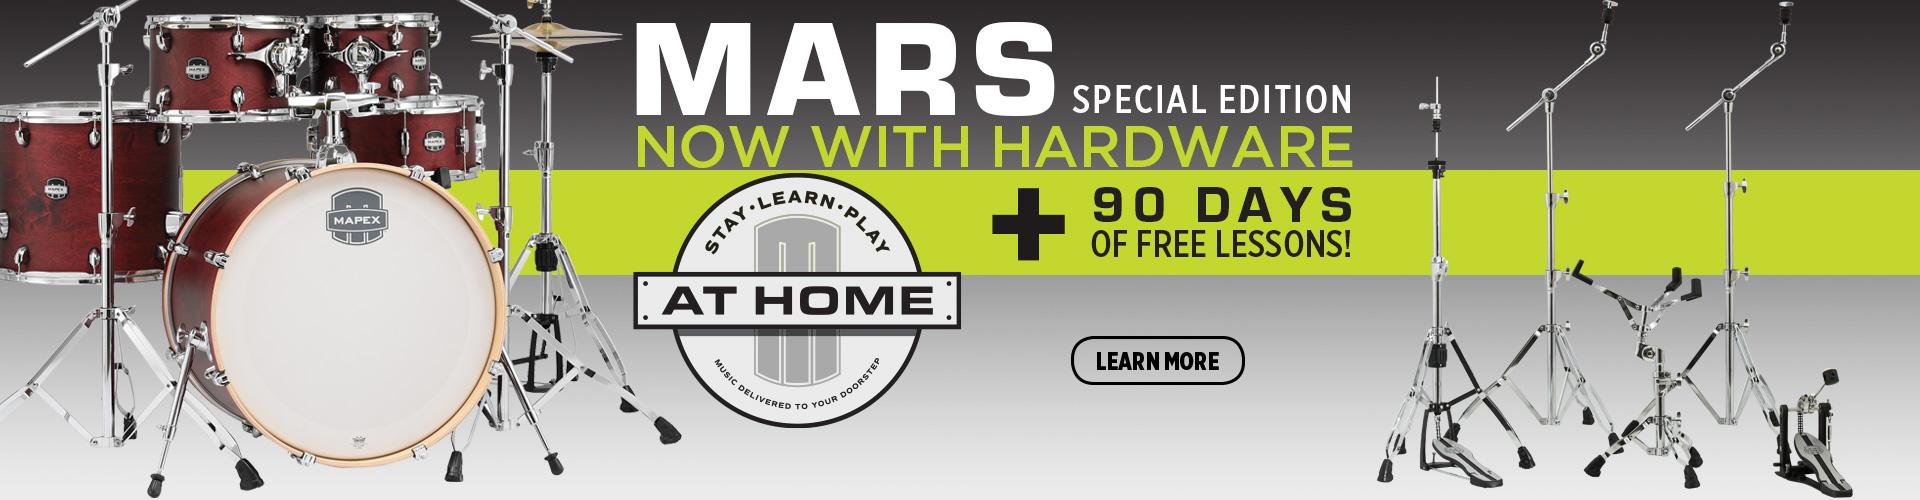 Mars Special Edition Promo